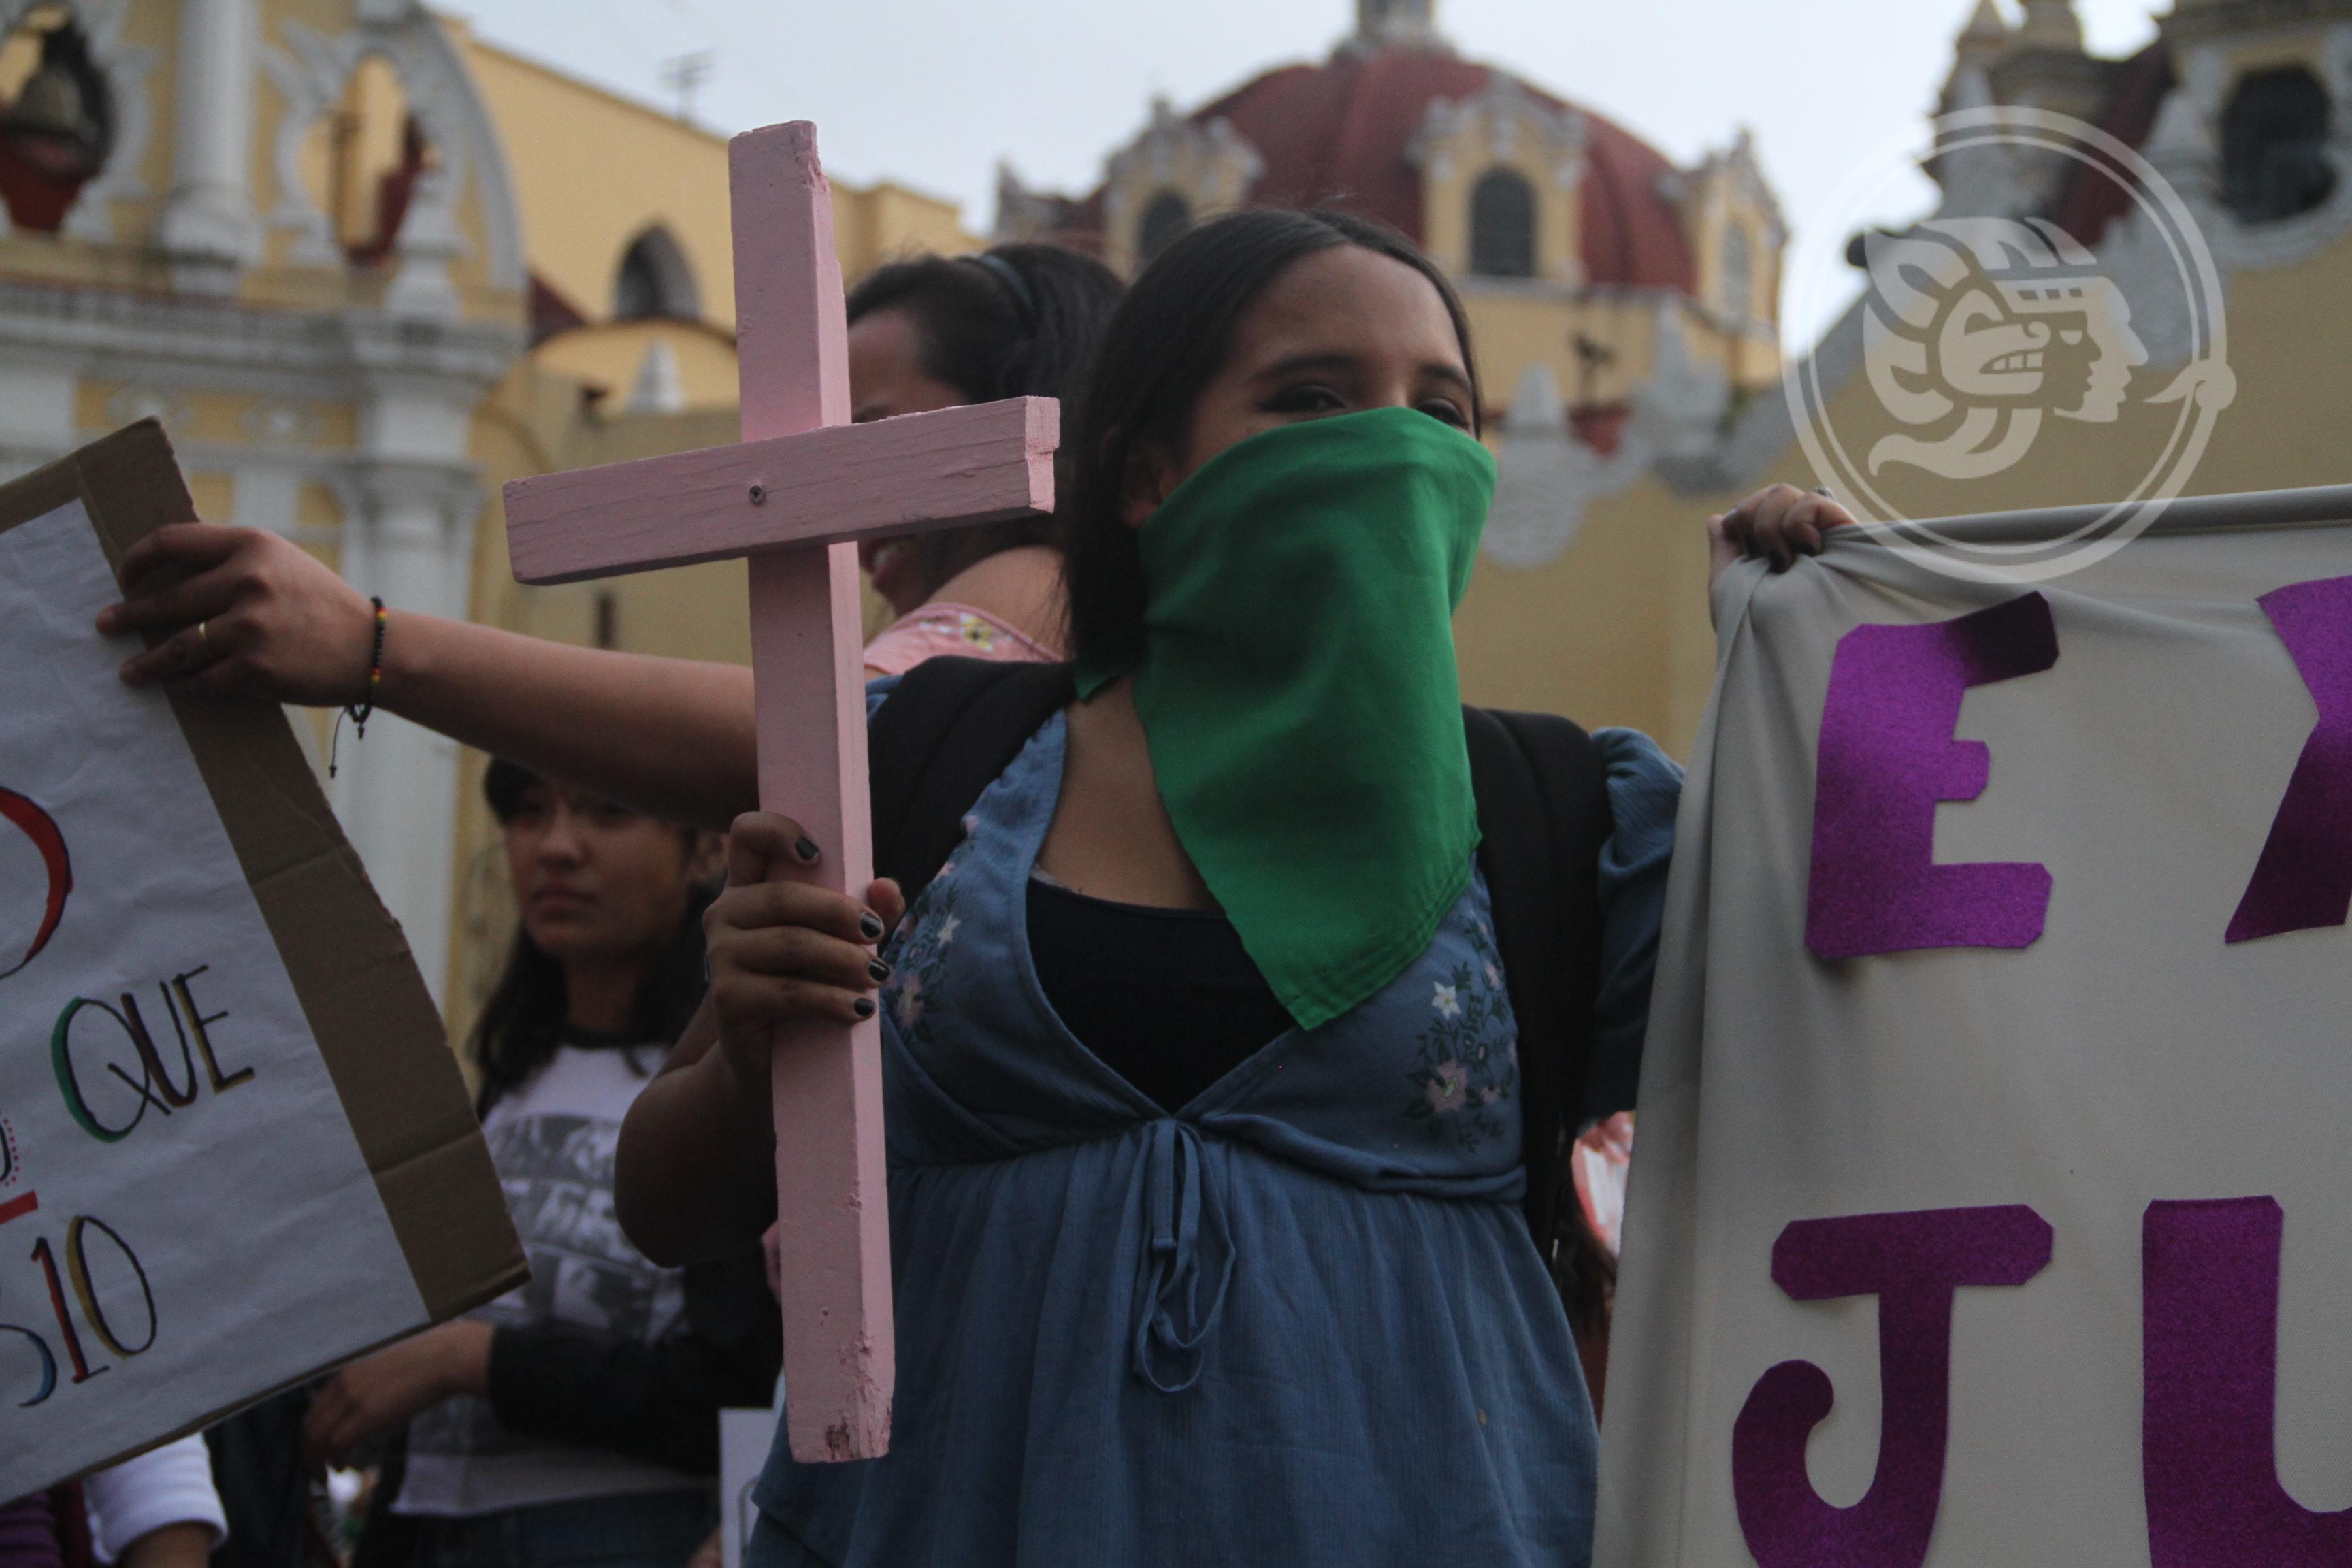 Continúan impunes más de 400 feminicidios en Veracruz, deploran